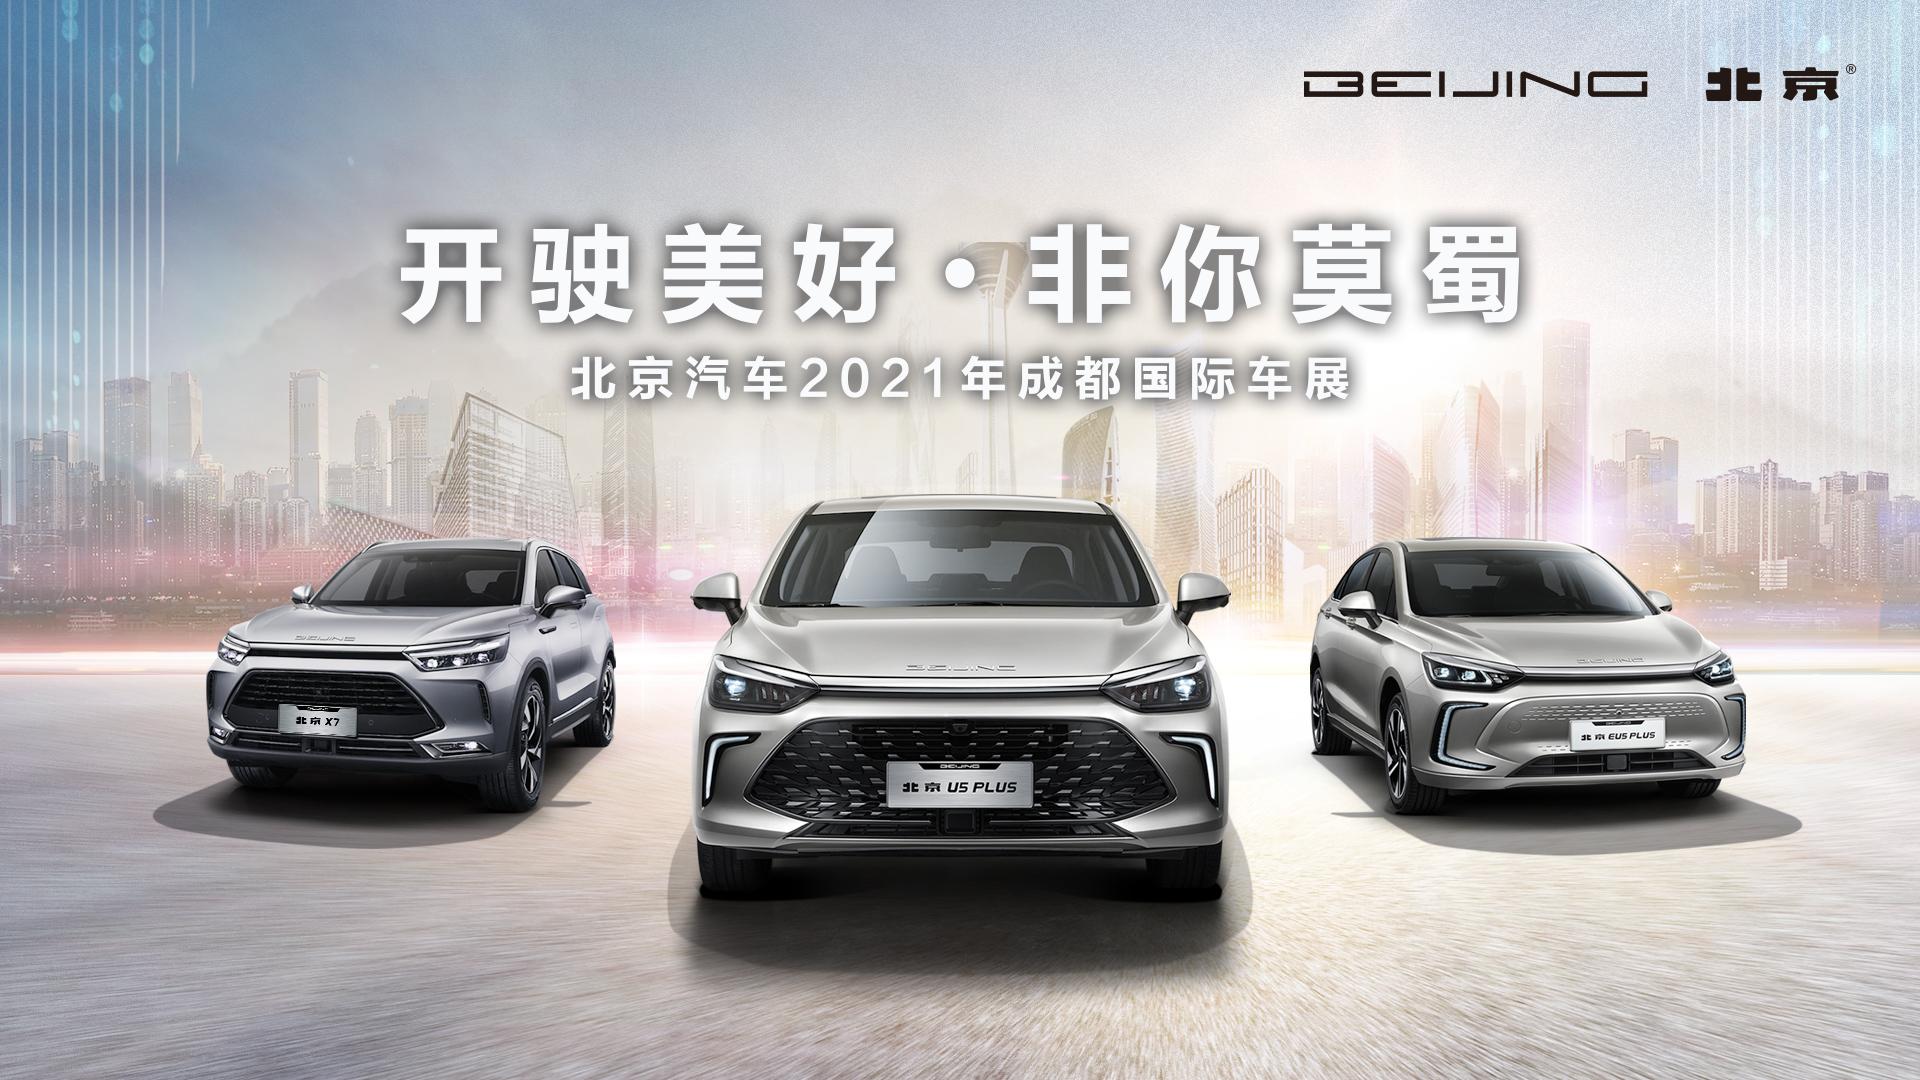 开驶美好 非你莫蜀 北京汽车2021年成都国际车展